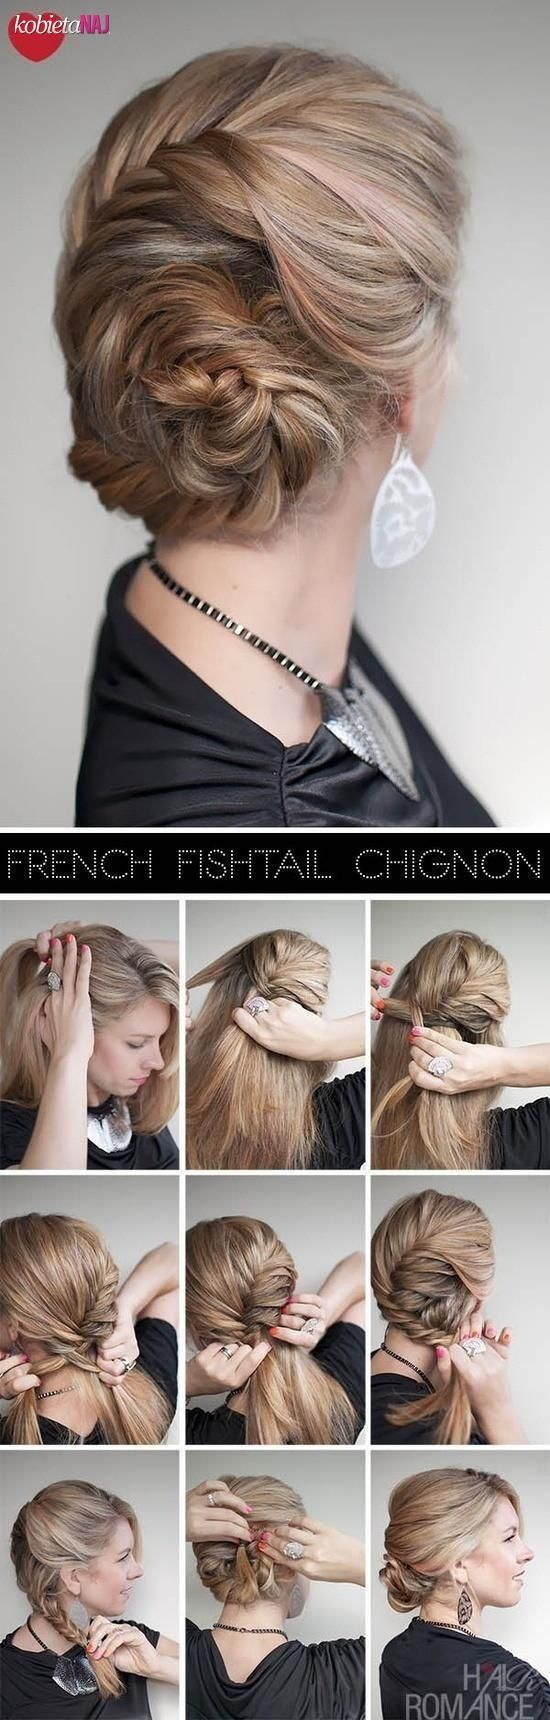 french fishtail chignon